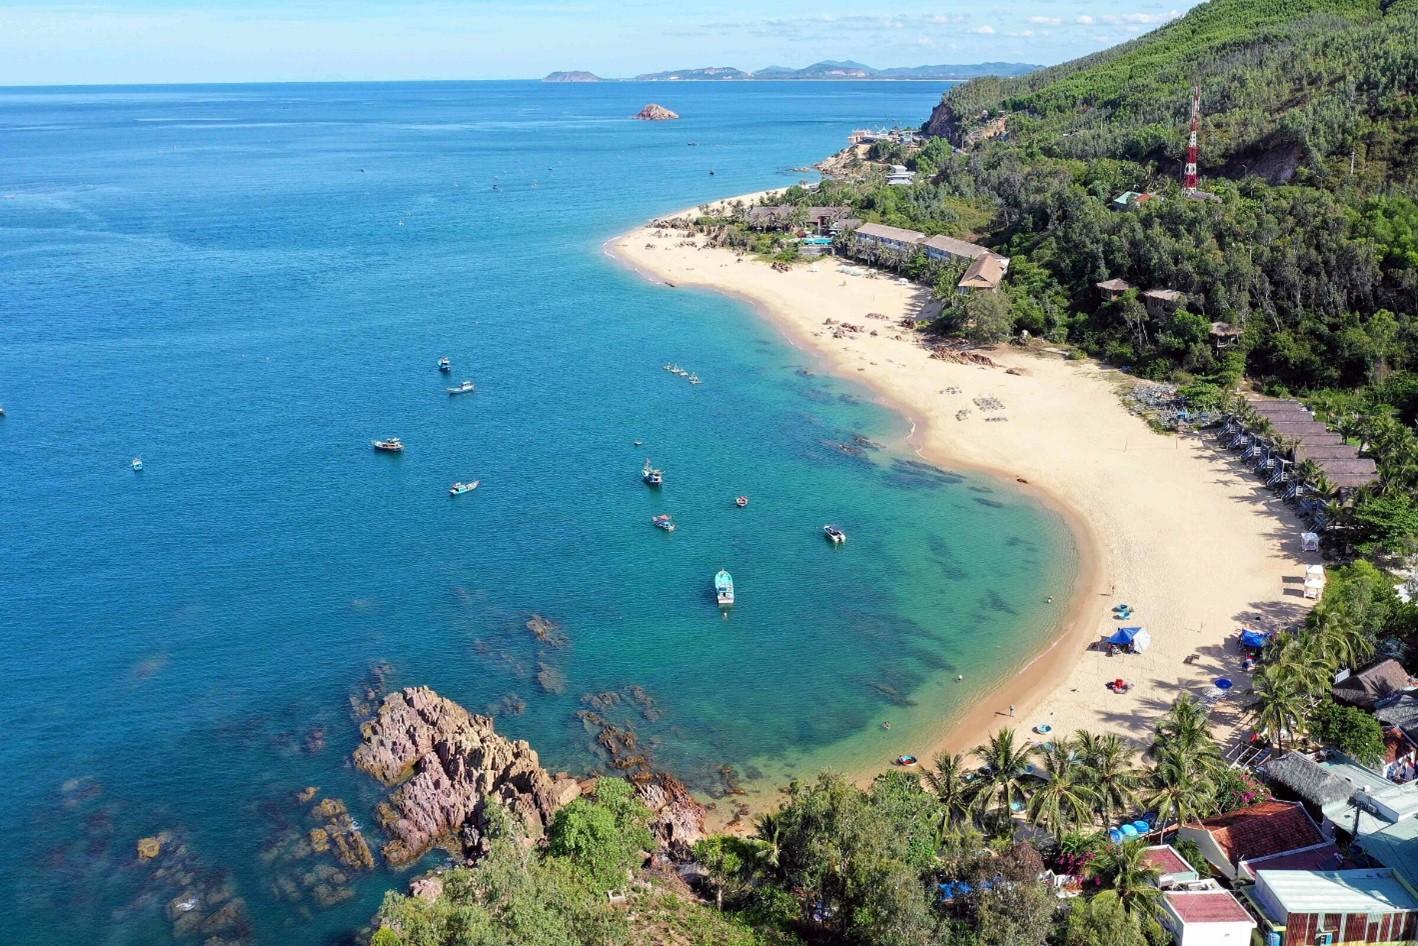 khu vực ven biển có cây cối và tàu thuyền